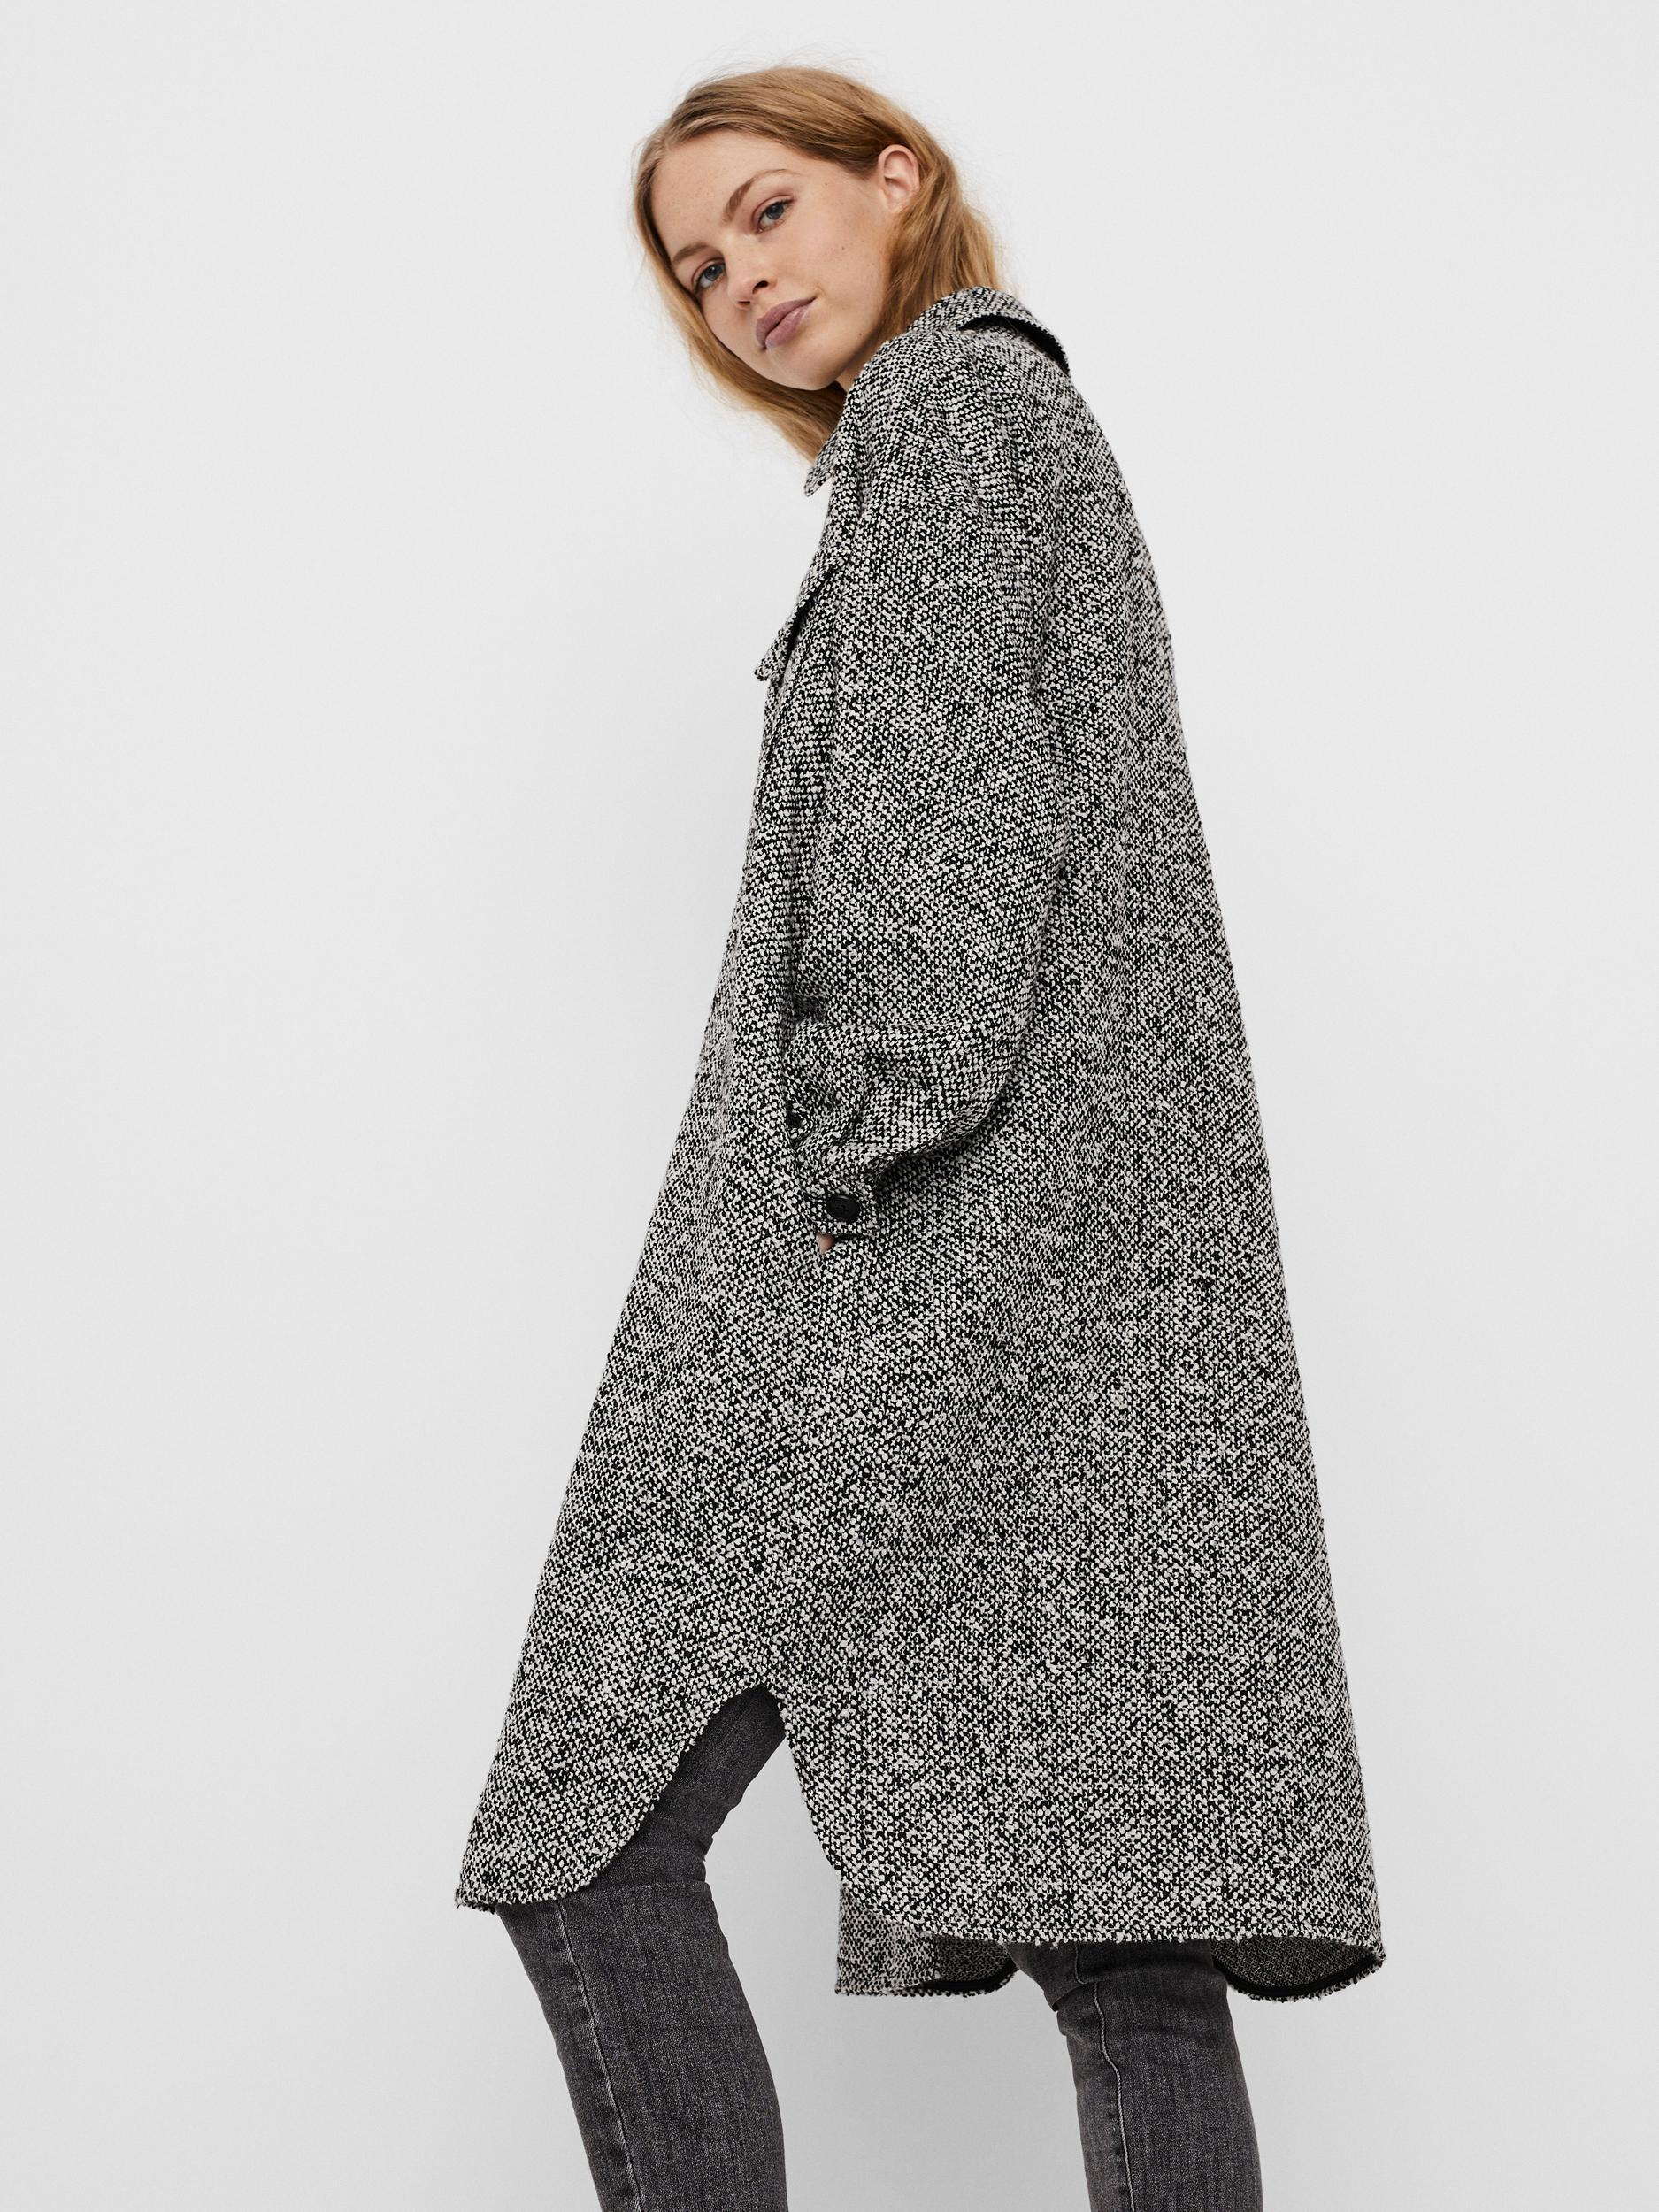 Vero Moda Rosie frakke, black, small